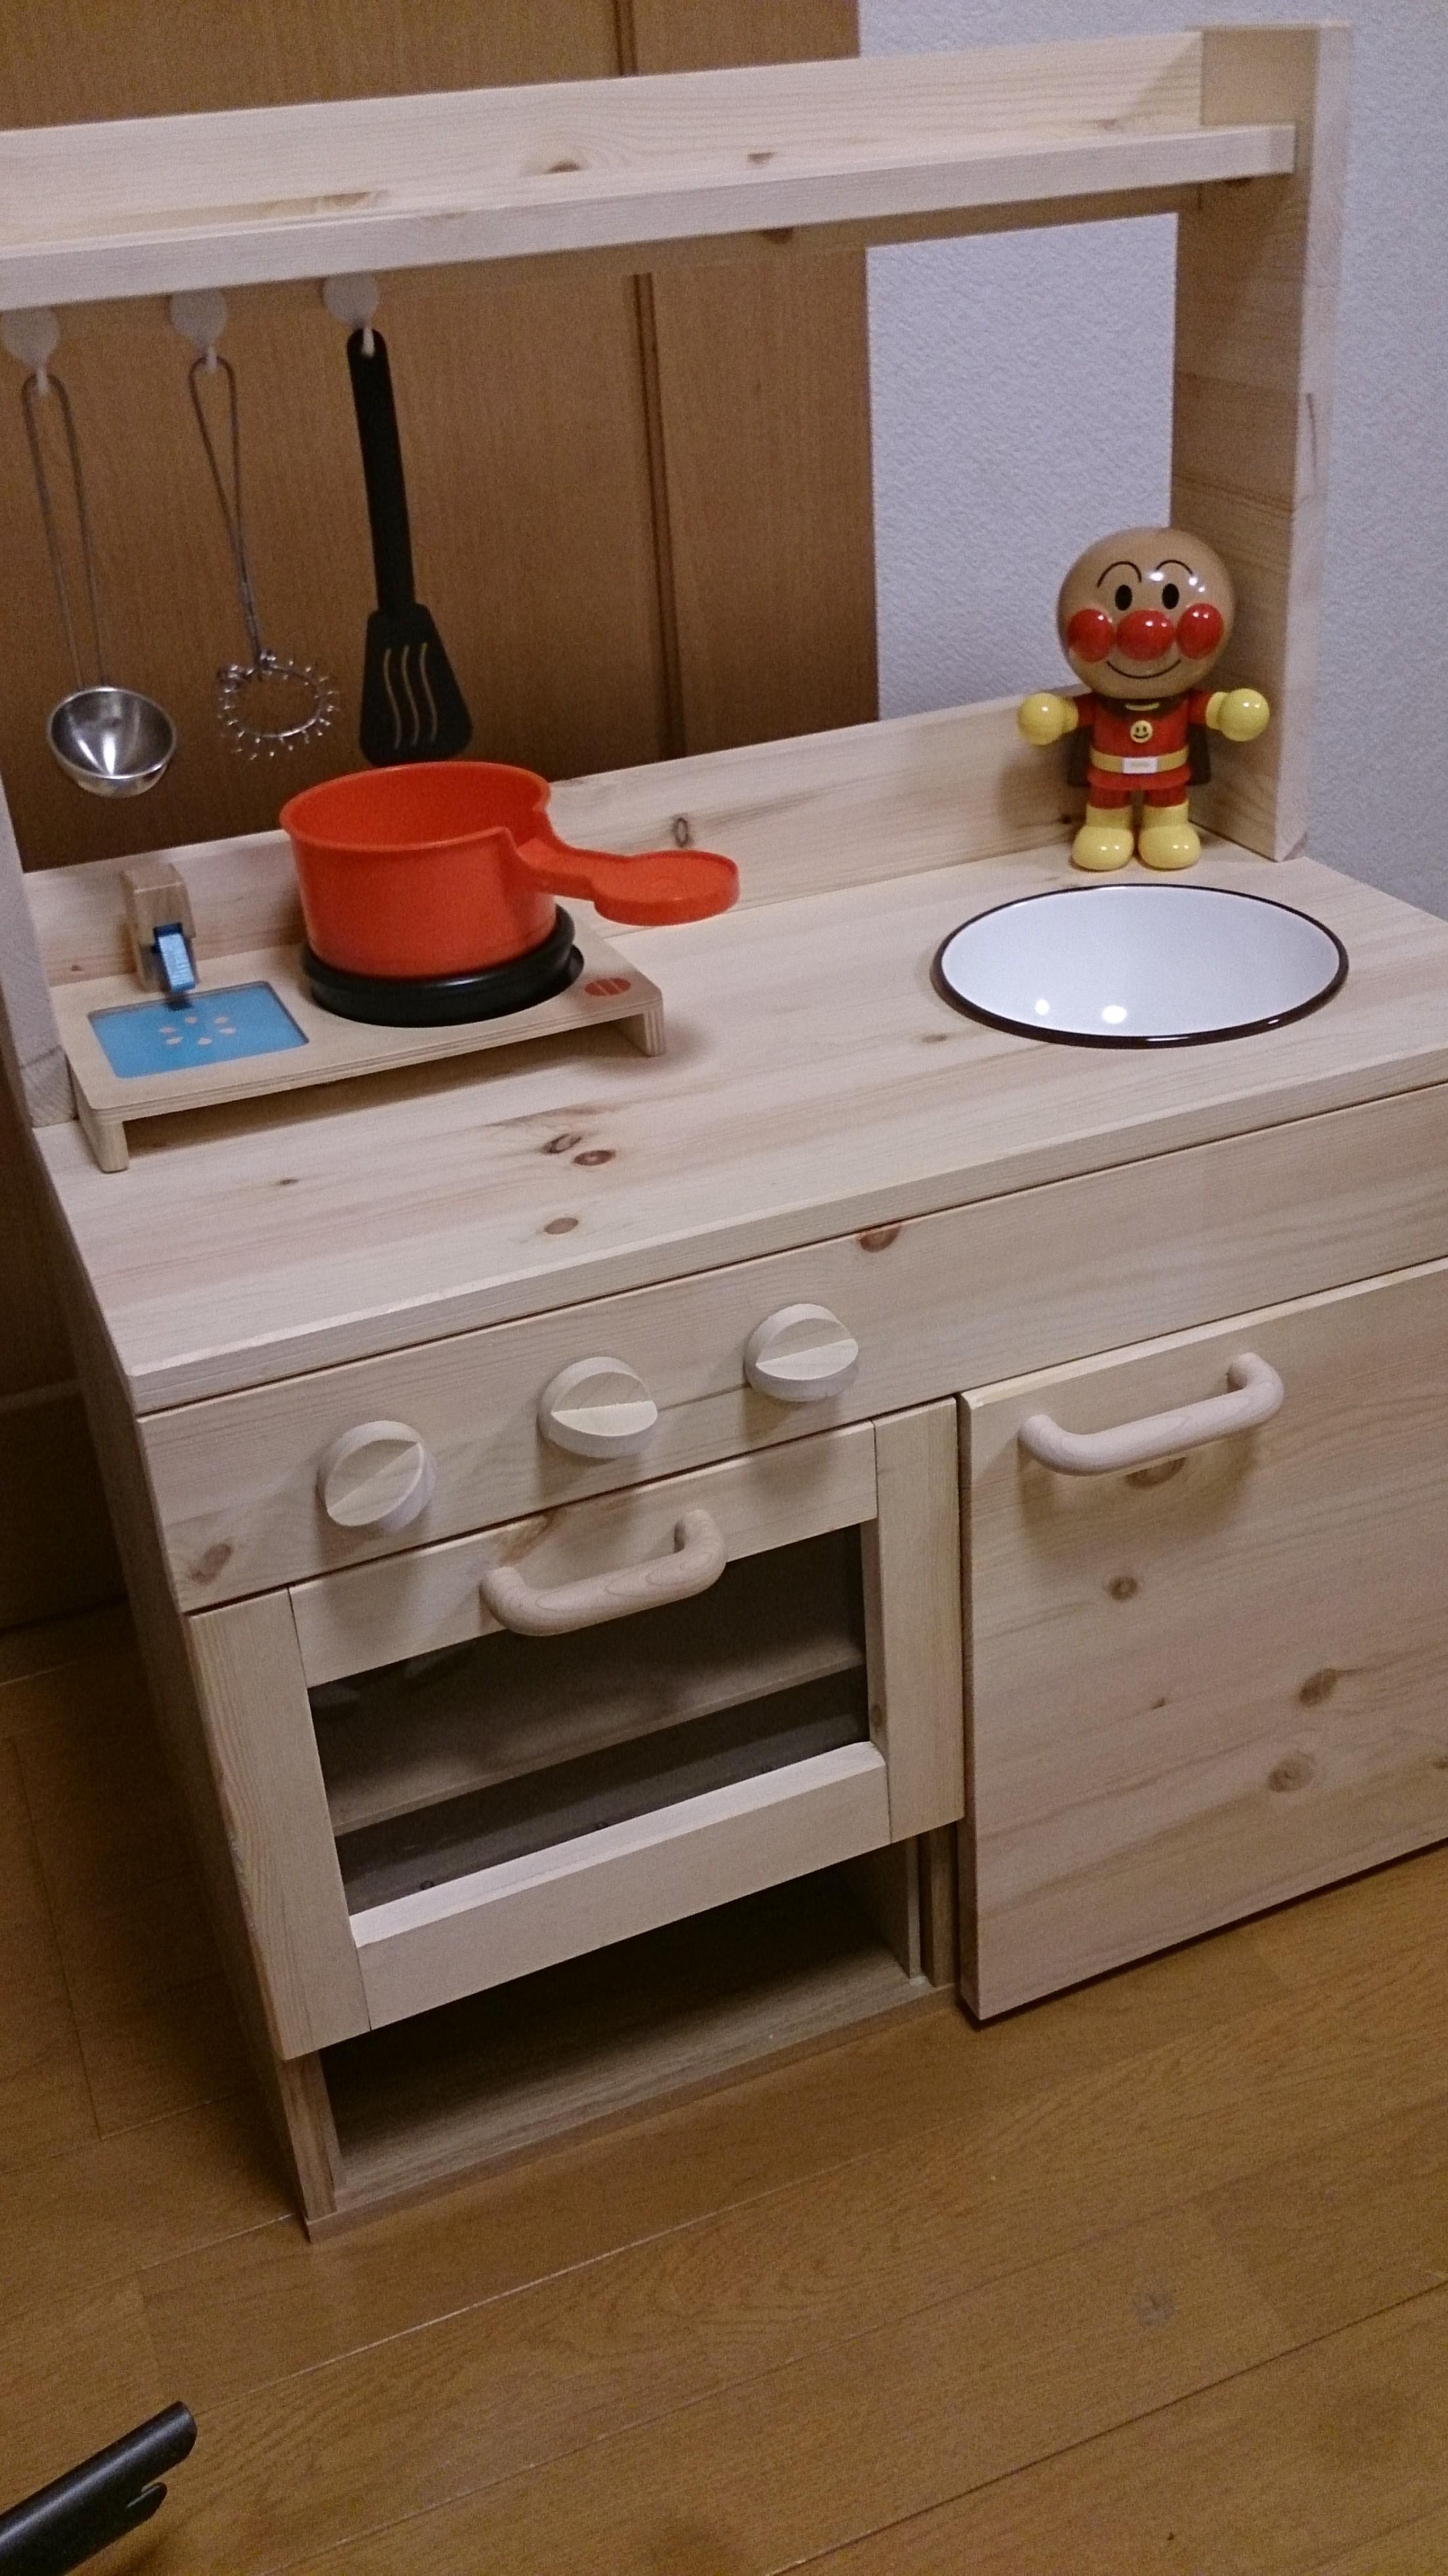 娘のキッチン完成☆彡